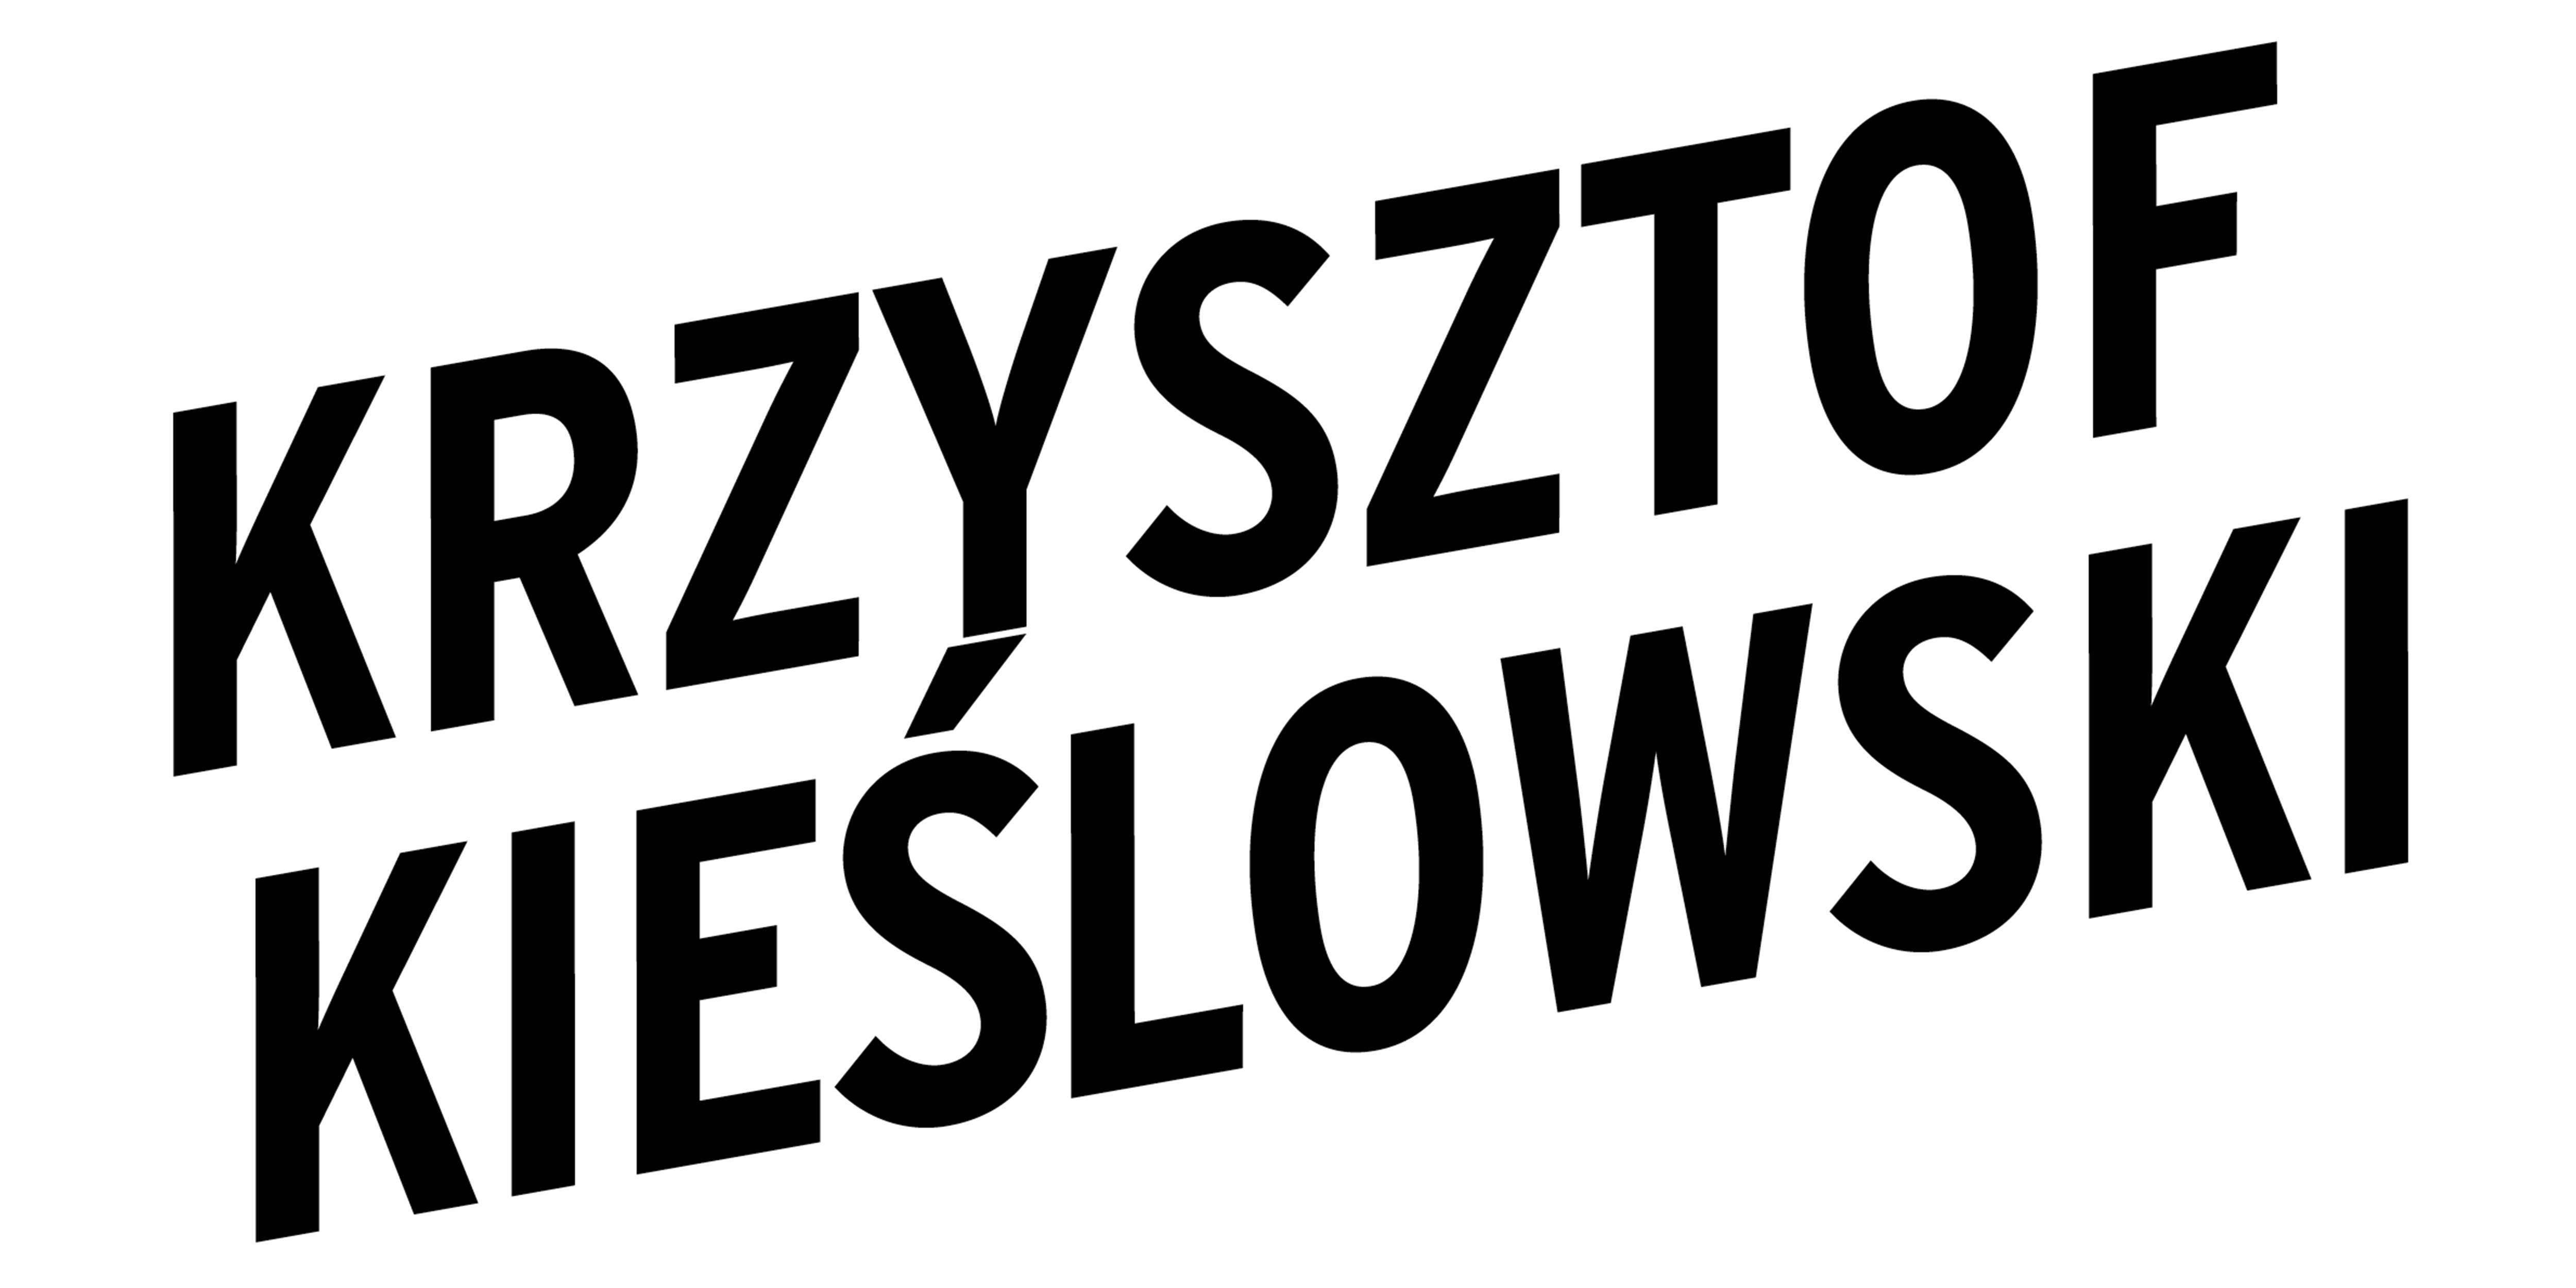 Sticker Krzysztof Kieslowski